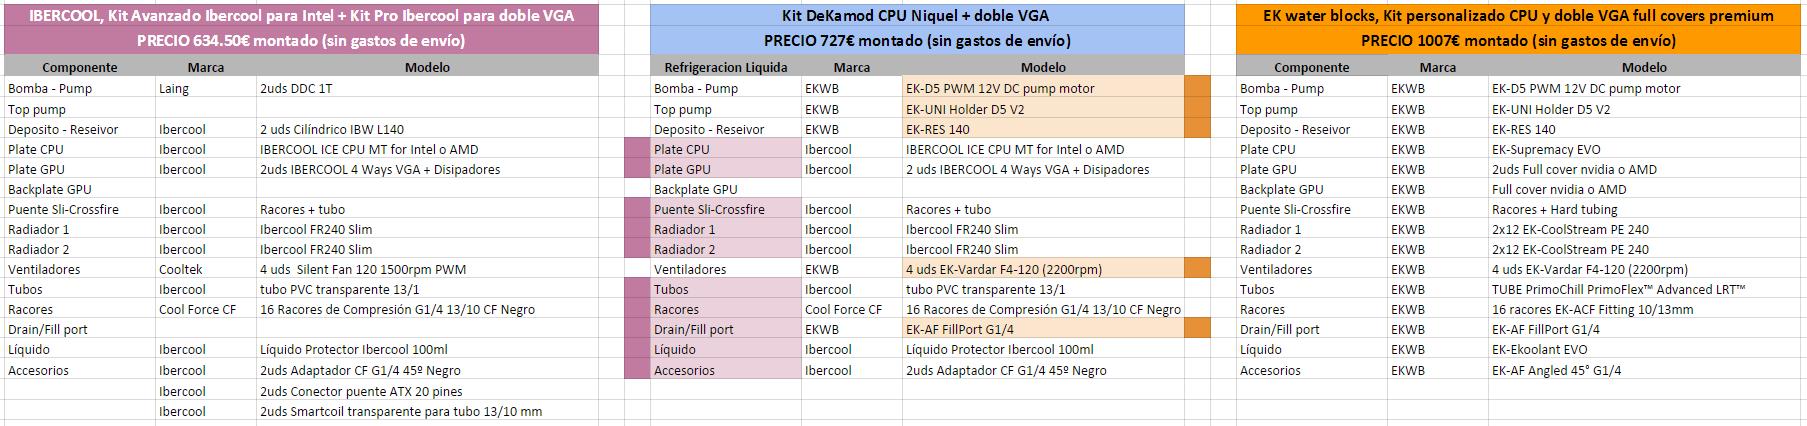 Características y precios de kit cpu + 2 VGA de refrigeración liquida, con montaje por DeKa